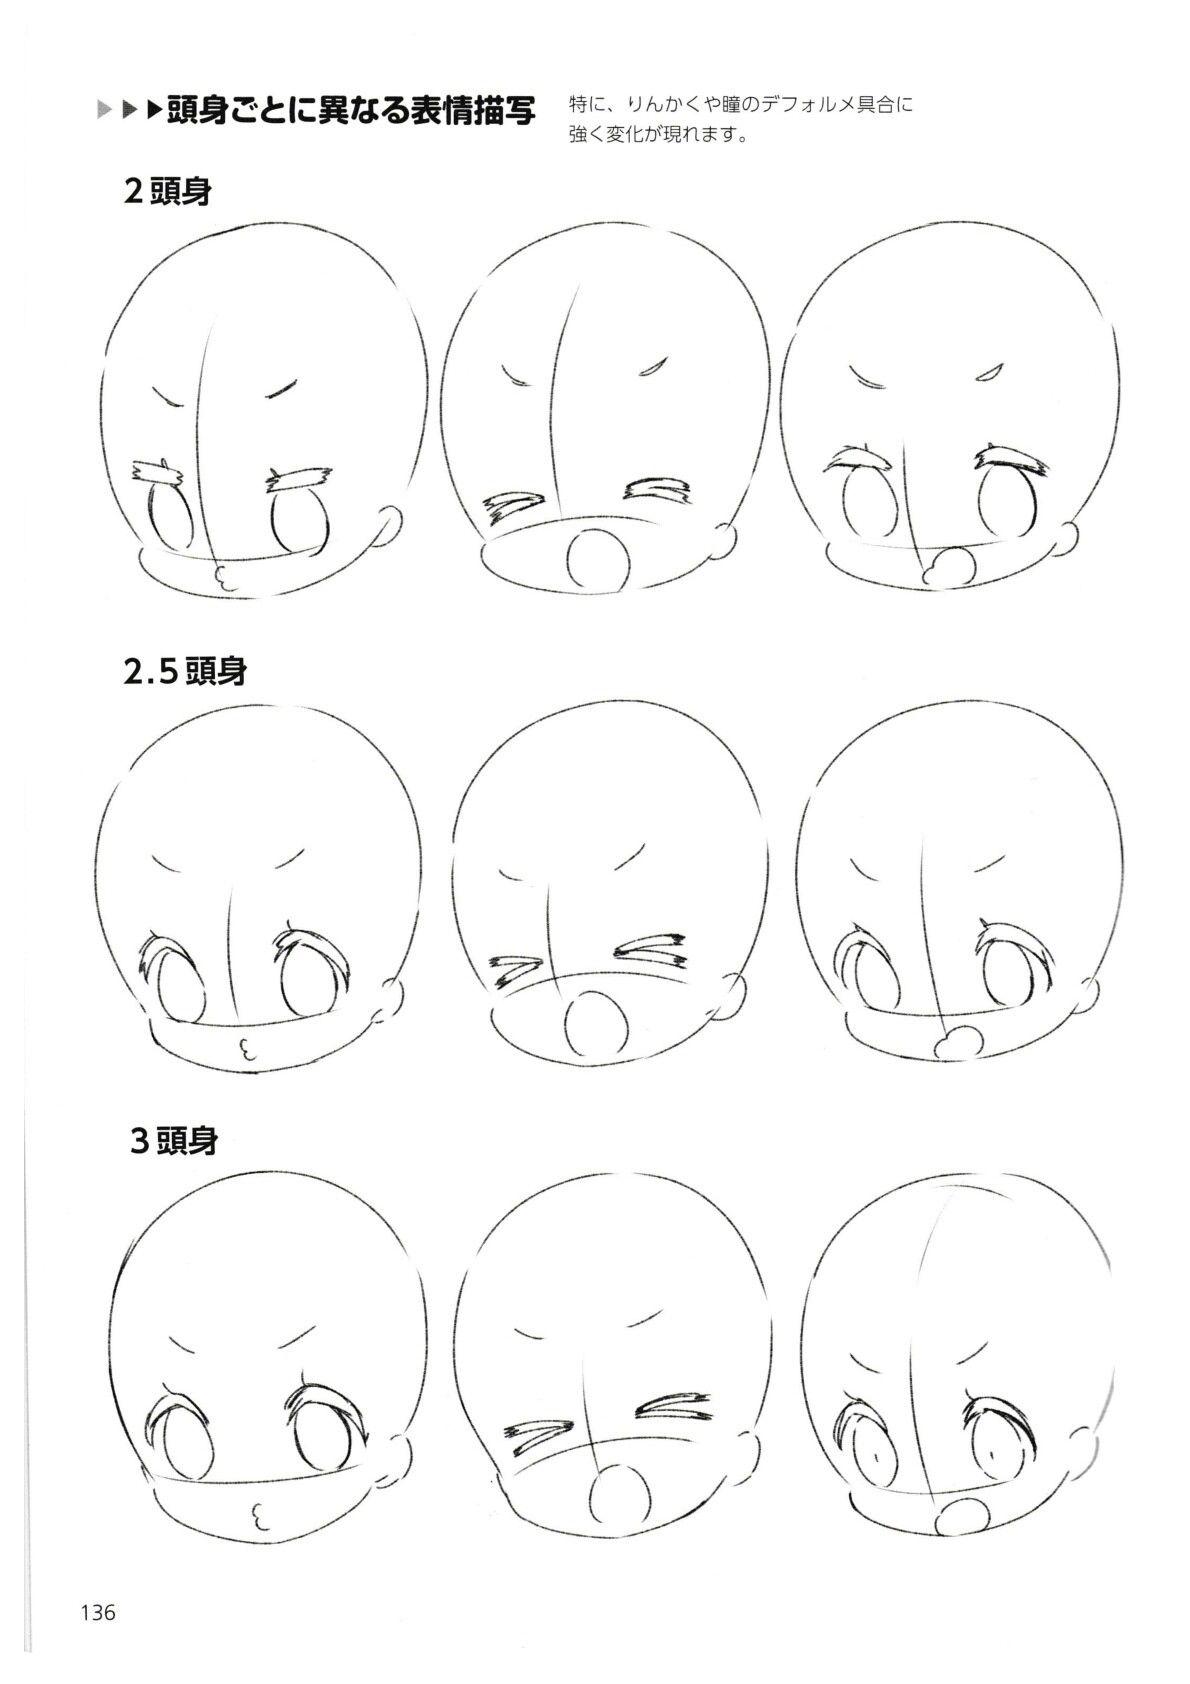 How To Draw Chibis 136 Dibujos Chibi Chibi Dibujos Tutoriales Para Dibujar Manga